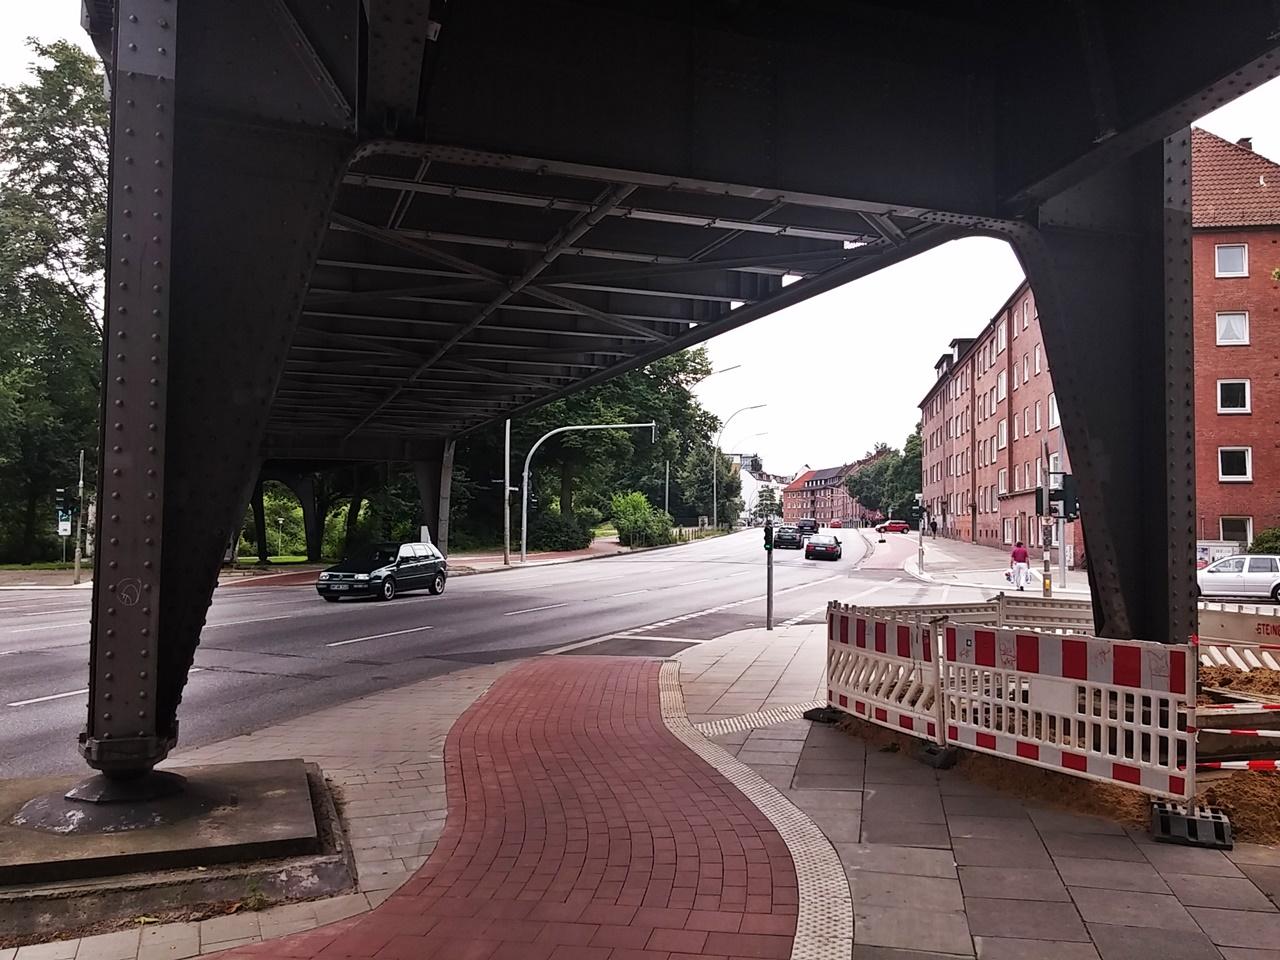 Radverkehr wird nun getrennt von den Fußgängern geführt. Radfahrer warten vor den Autofahrern und werden damit von Rechtsabbiegern besser wahrgenommen.